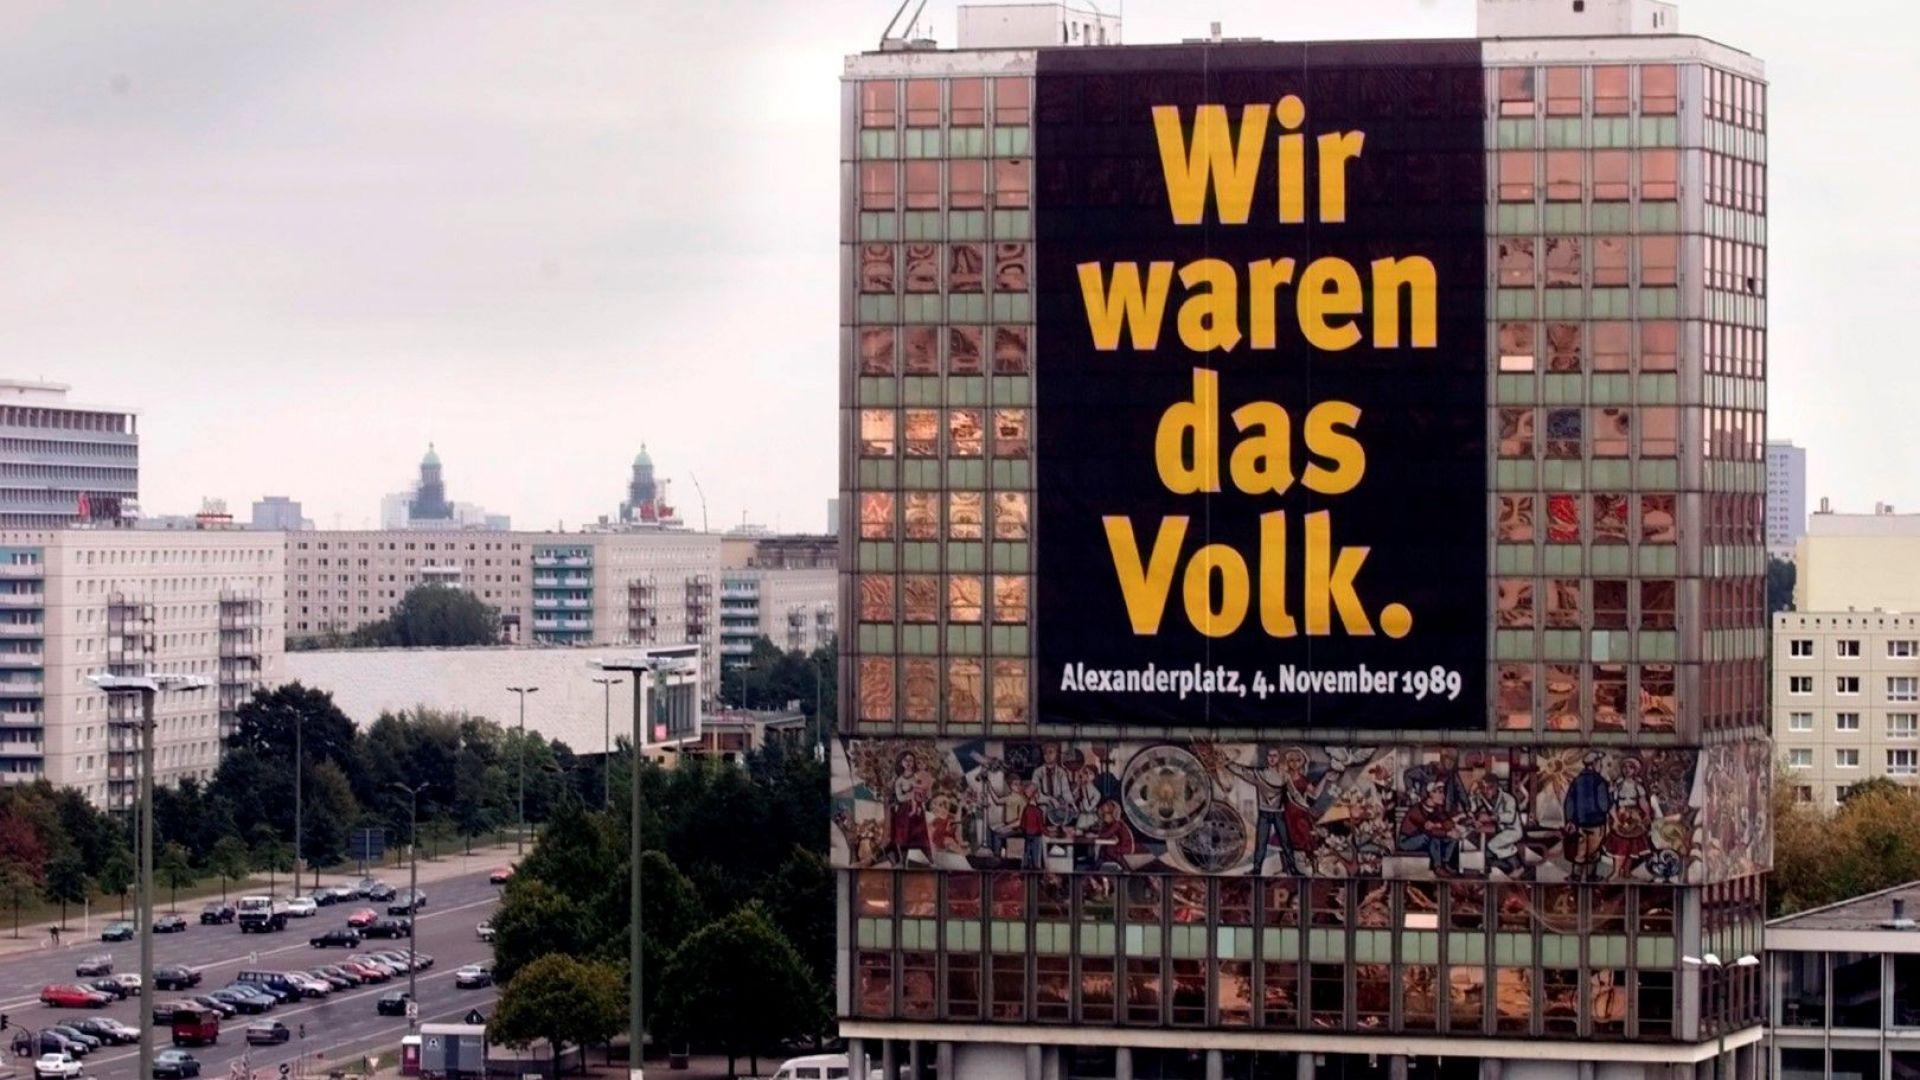 30 г. след обединението бившата ГДР почти е догонила Западна Германия